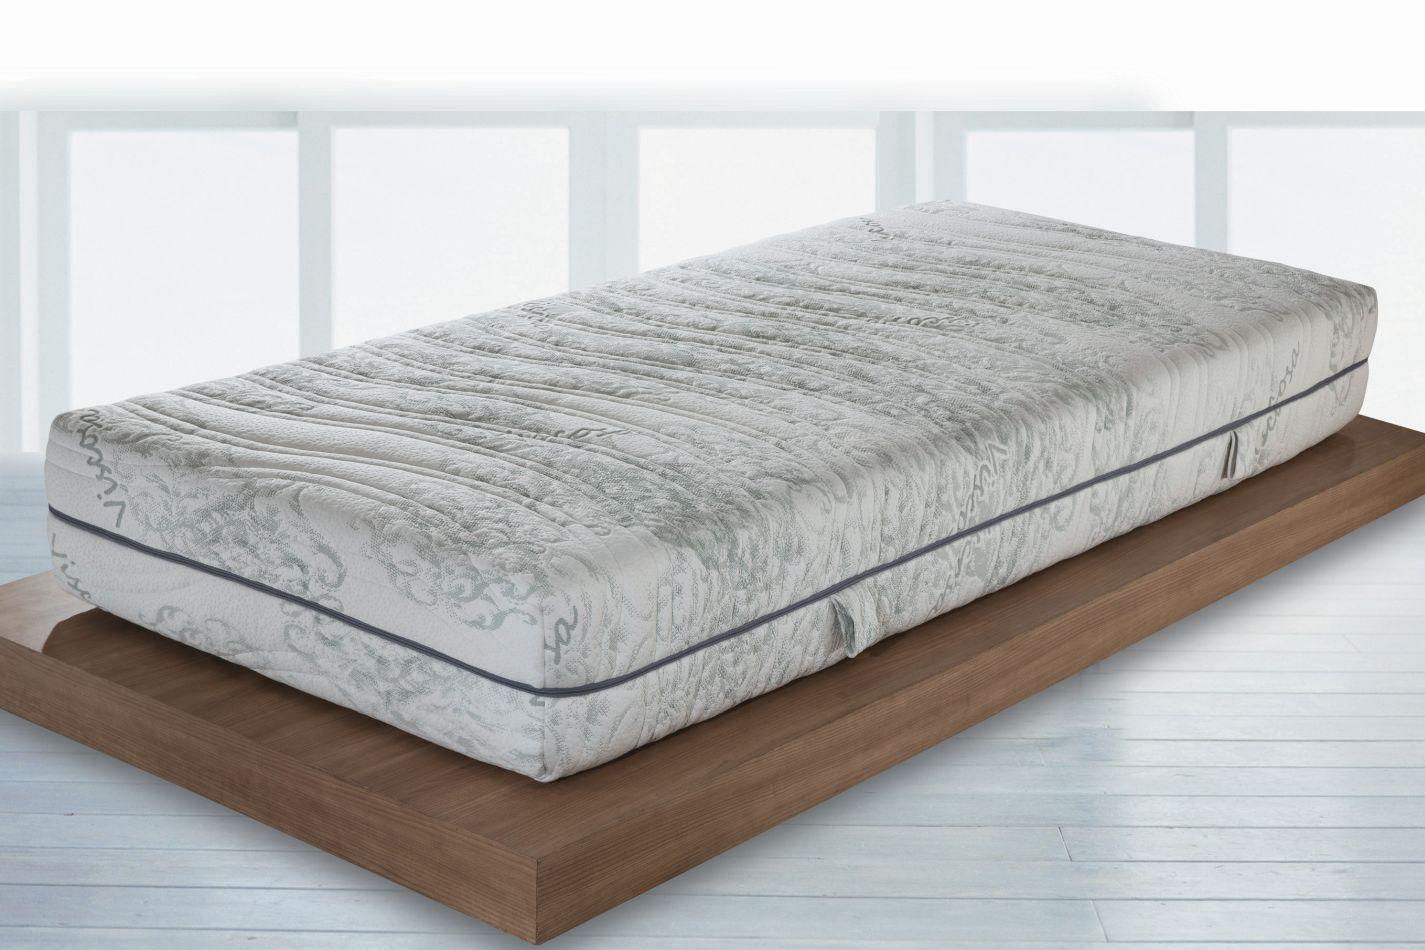 Matratze Balance Plus mit Taschen Federkern  - Abmessungen: 120 x 200 cm